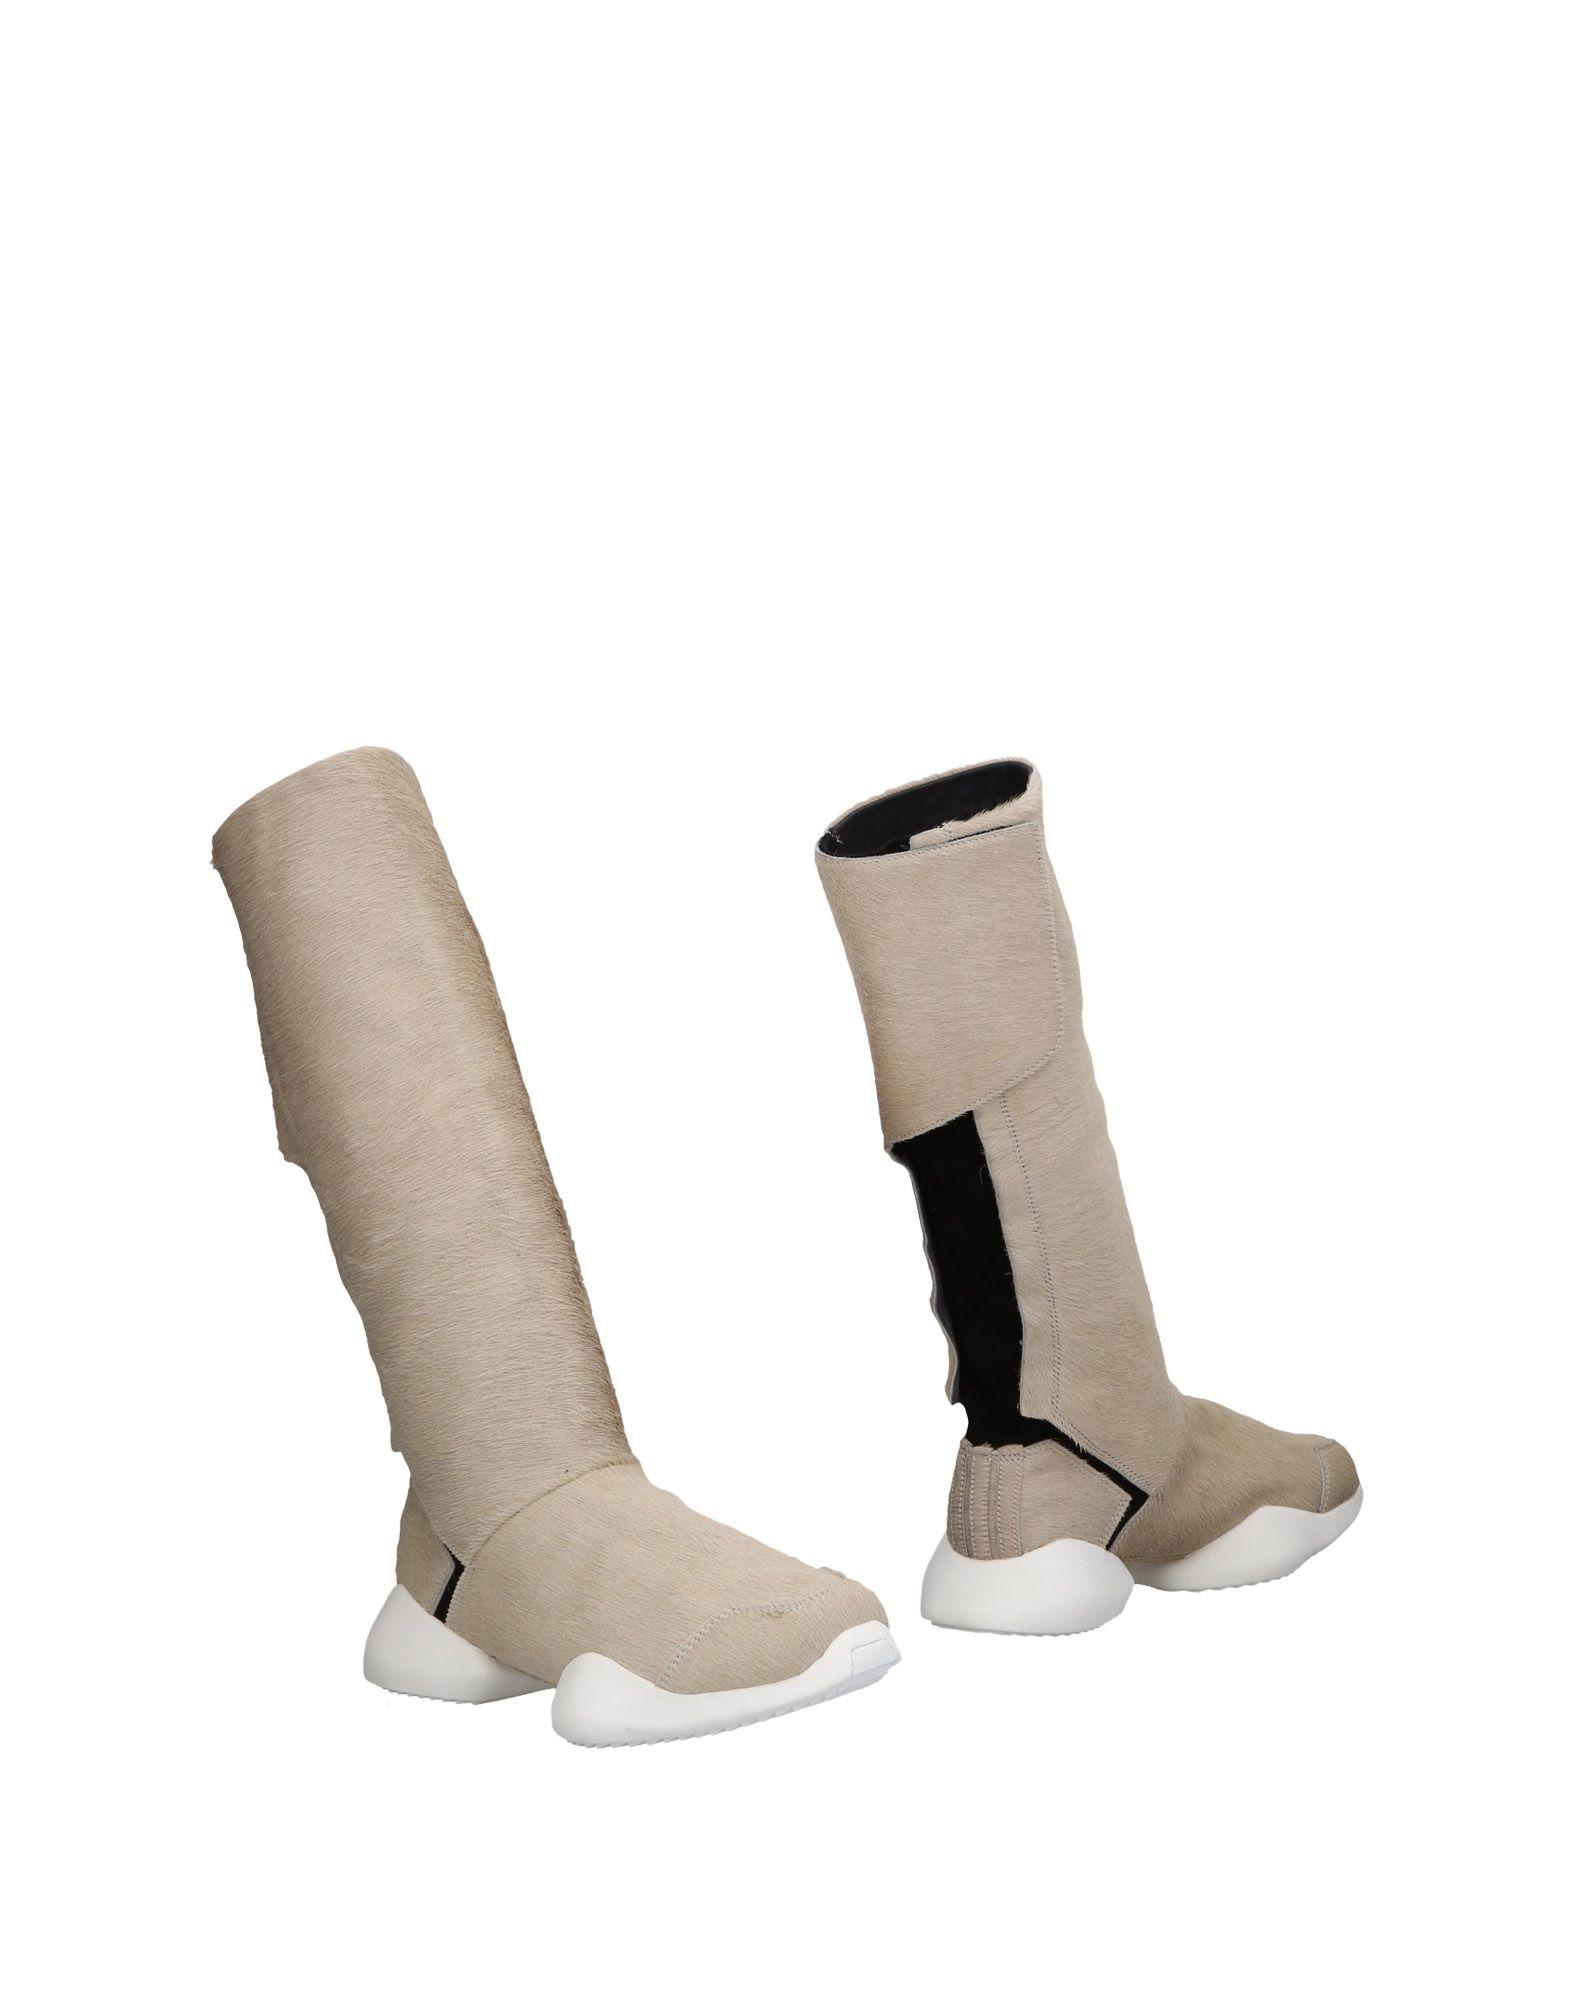 Rick Owens X Adidas Stiefelette Stiefelette Stiefelette Herren Gutes Preis-Leistungs-Verhältnis, es lohnt sich 26b15d